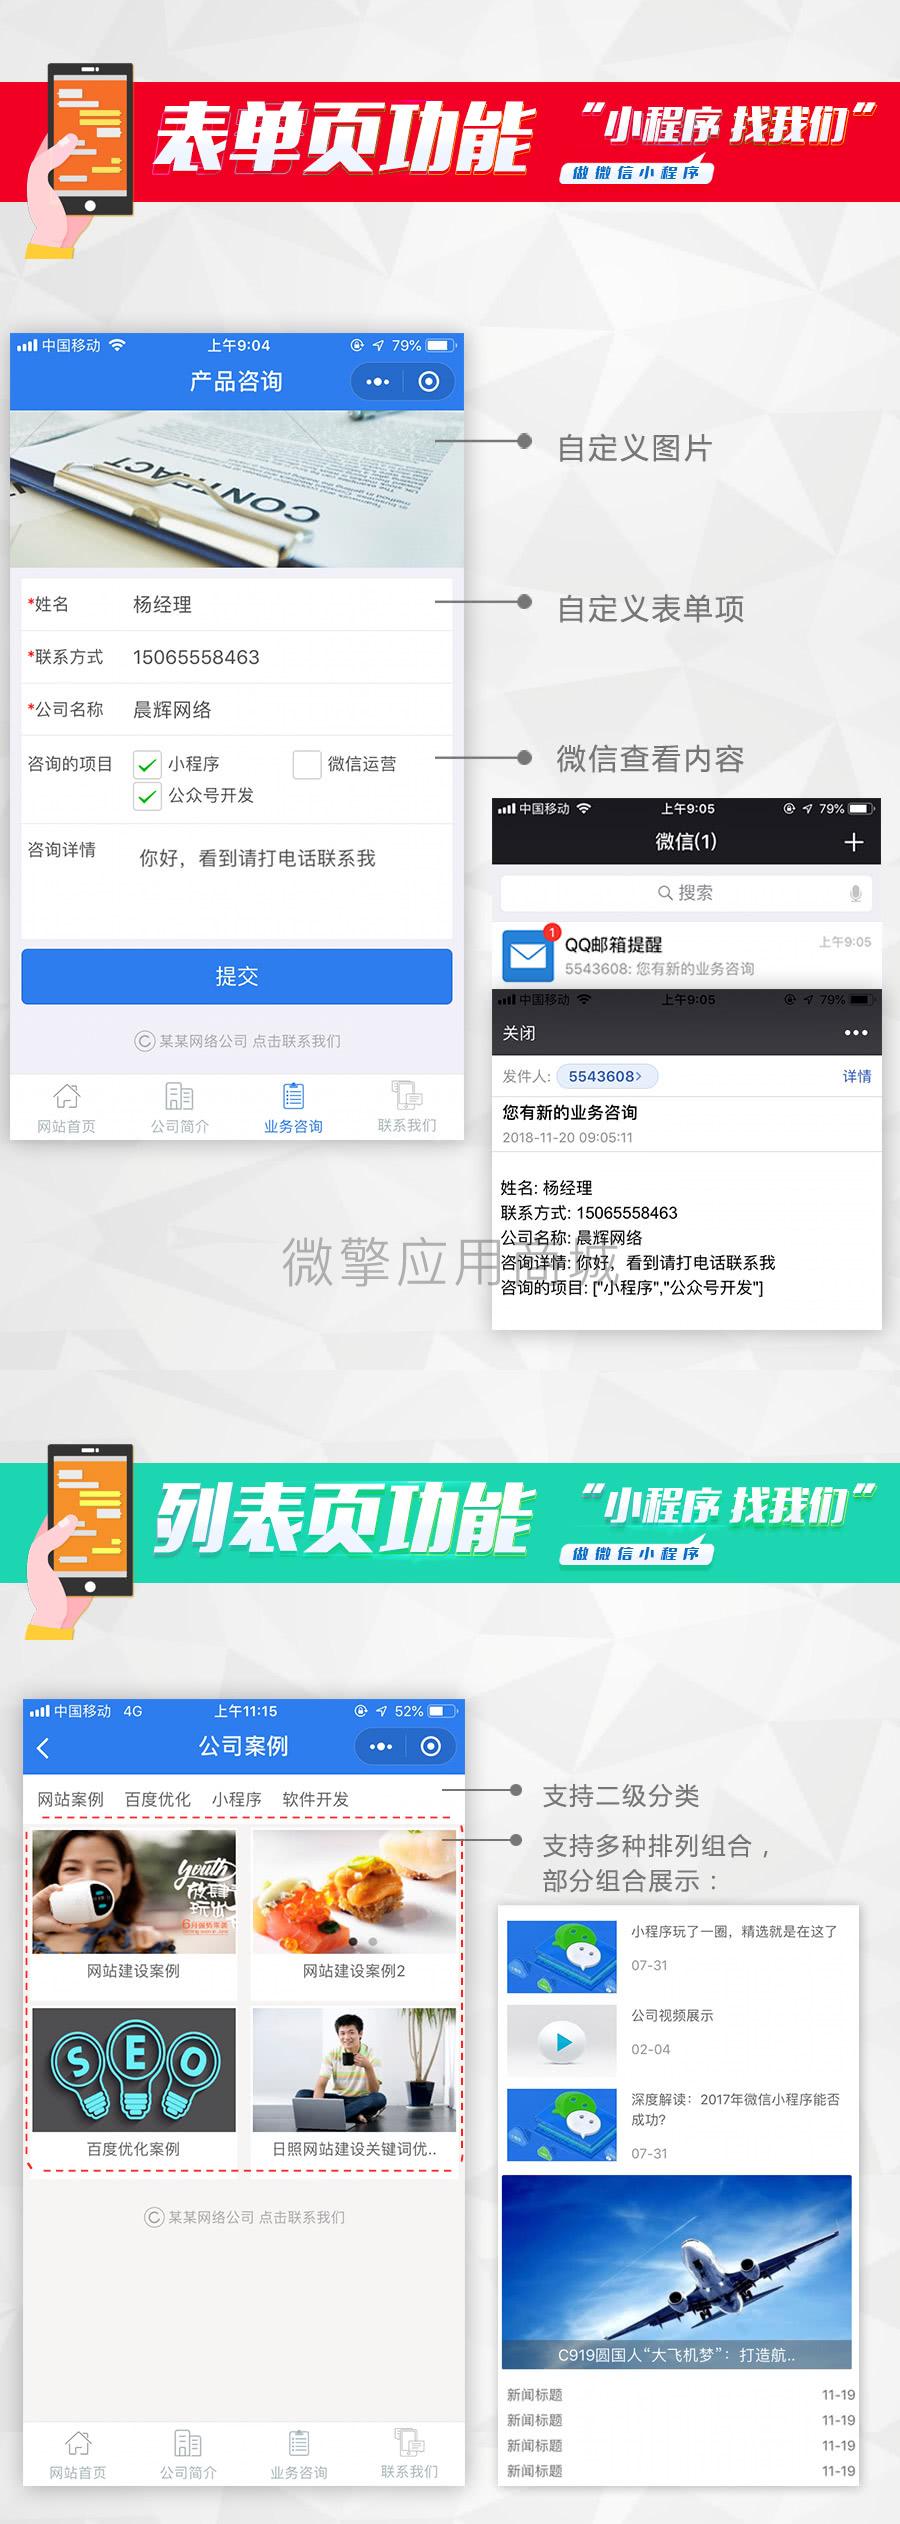 富泰科-精美企业公司官网小程序